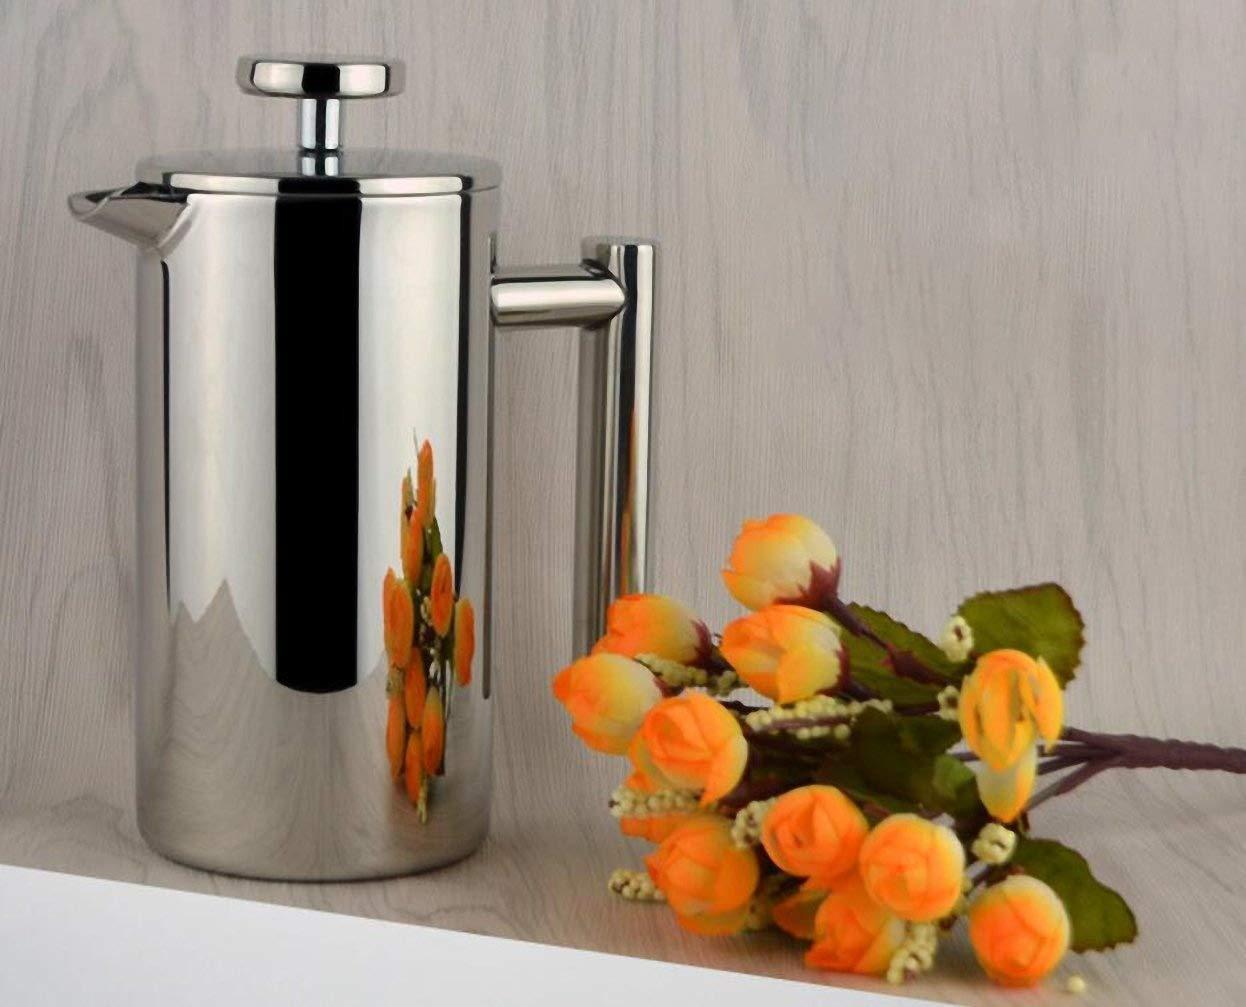 Acquisto BourneTech, caffettiera con pressa francese, speciale design, di alta qualità, 3tazze, 6tazze e 8tazze, Acciaio inossidabile, 8-cup 1000ml Prezzi offerta